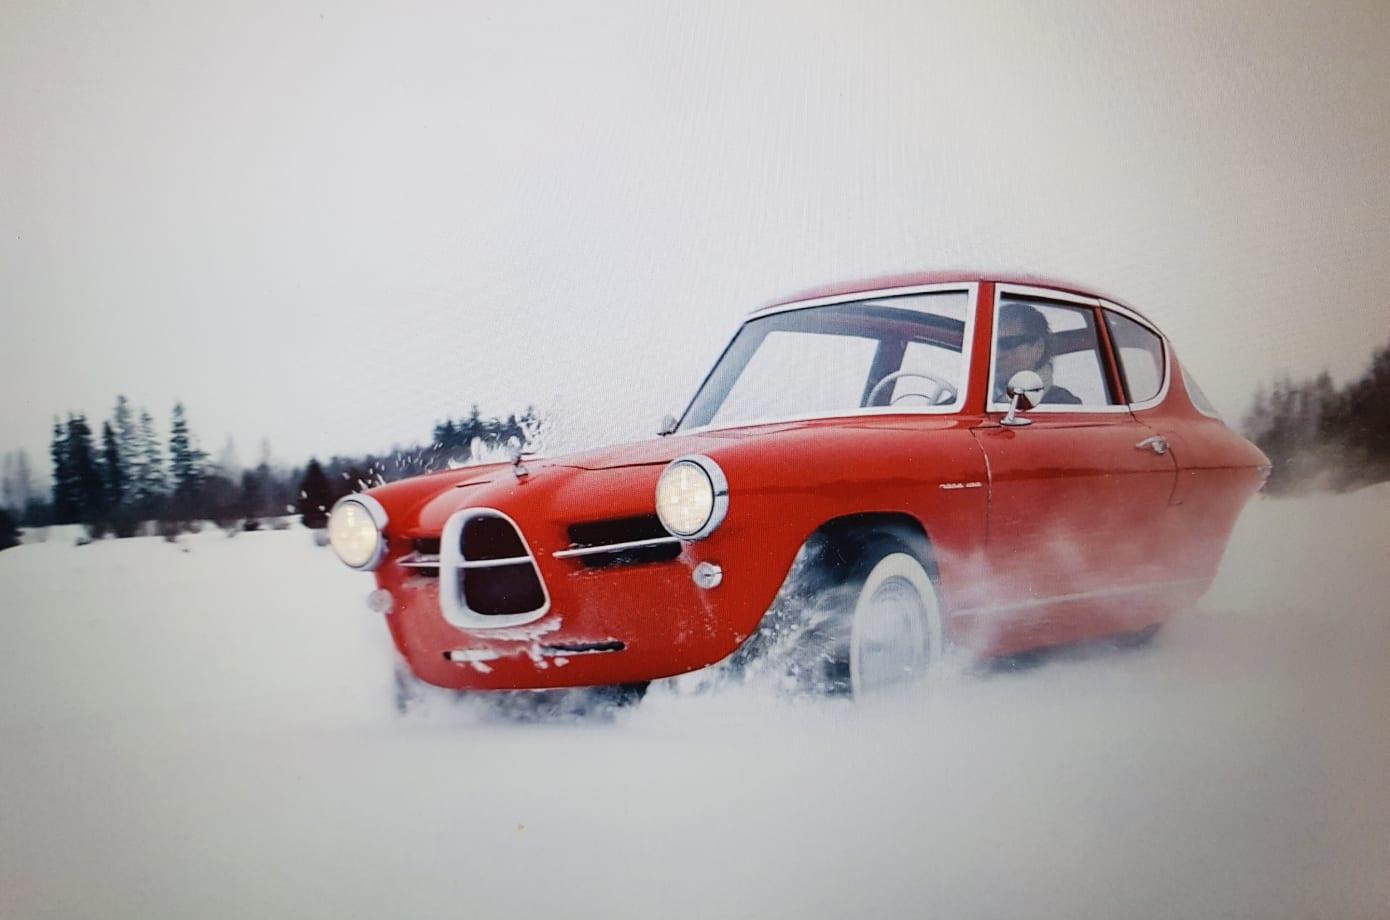 Nobe 100: Dreirädriges Retro-Elektroauto parkt senkrecht an der Wand - Das Auto kommt aus Estland. Es muss also schnee- ... (Bild: Nobe)